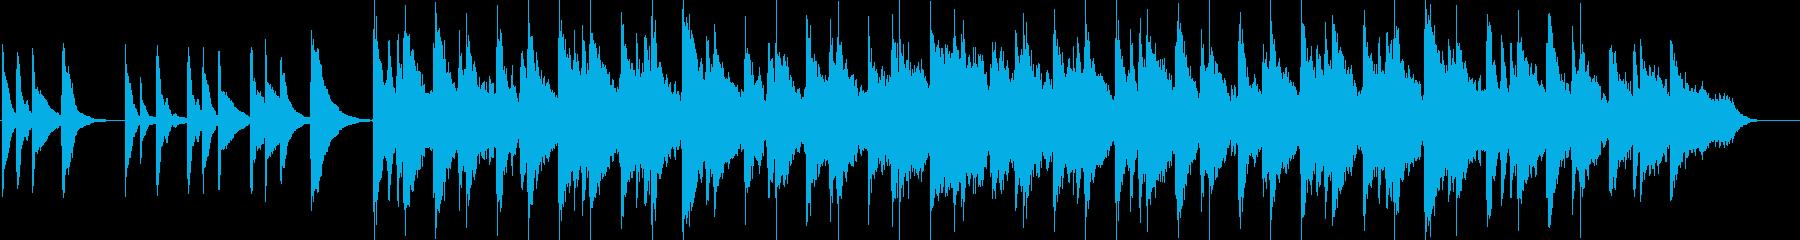 異国情緒溢れるワールドミュージックの再生済みの波形